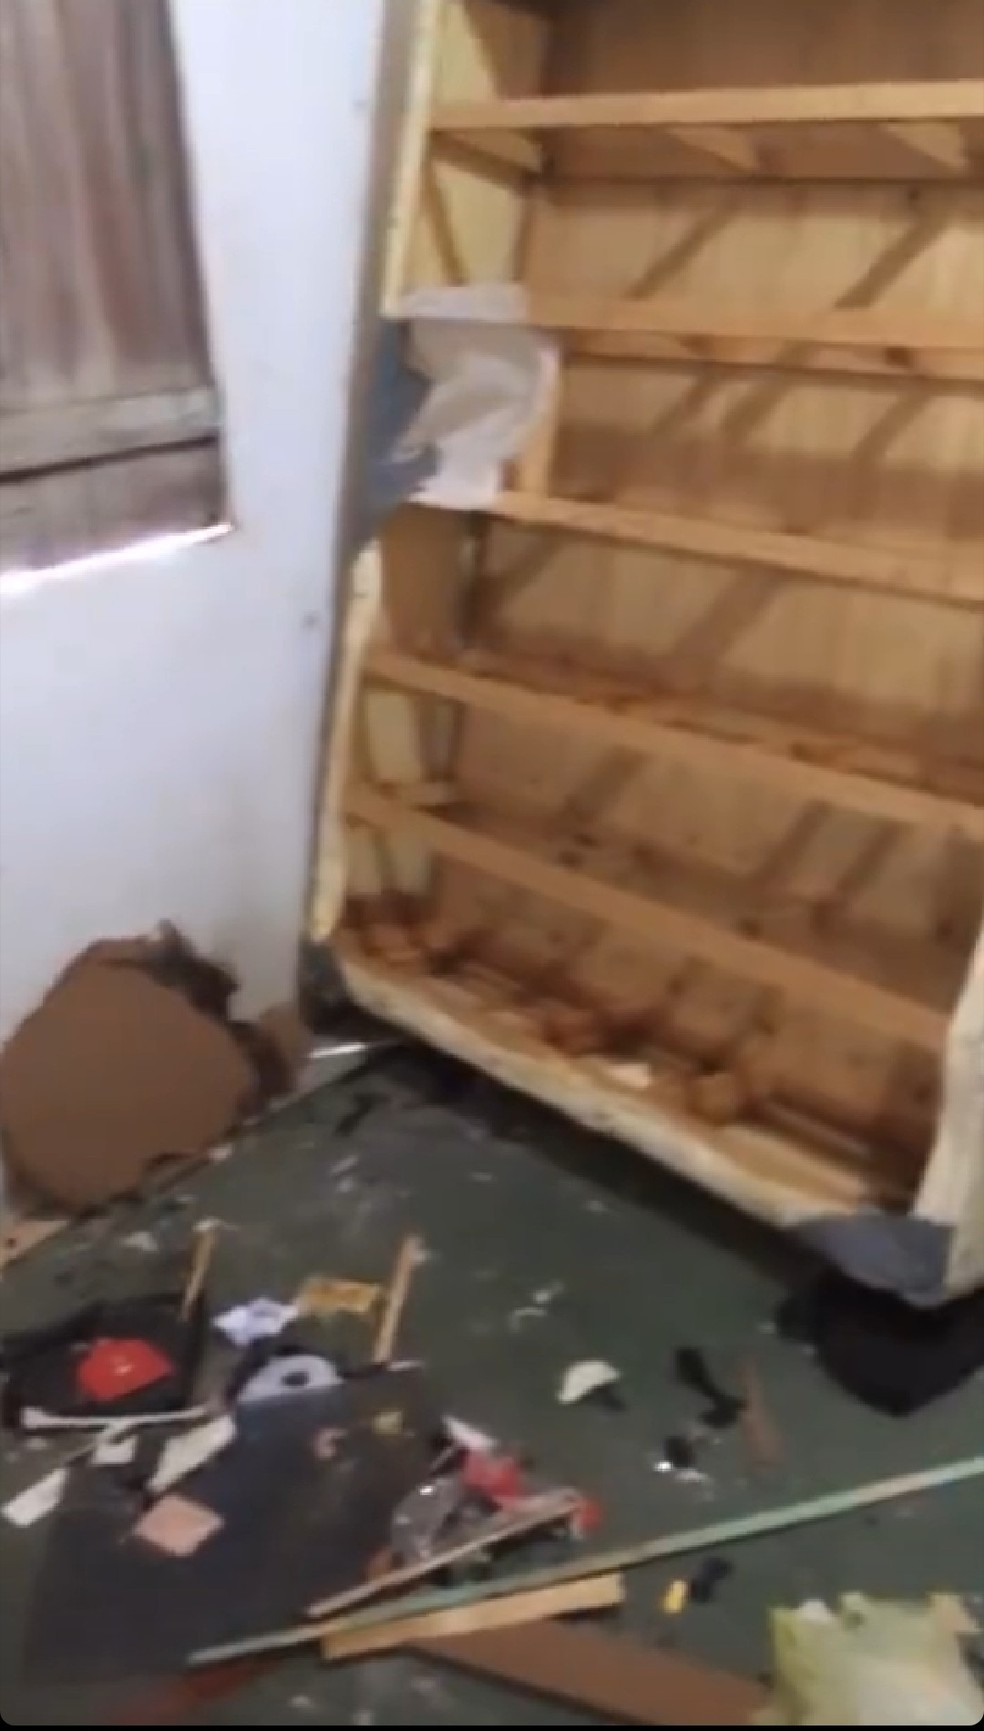 Blogueira de Granja, no Ceará, é agredida e tem quarto destruído pelo ex-namorado. — Foto: Reprodução